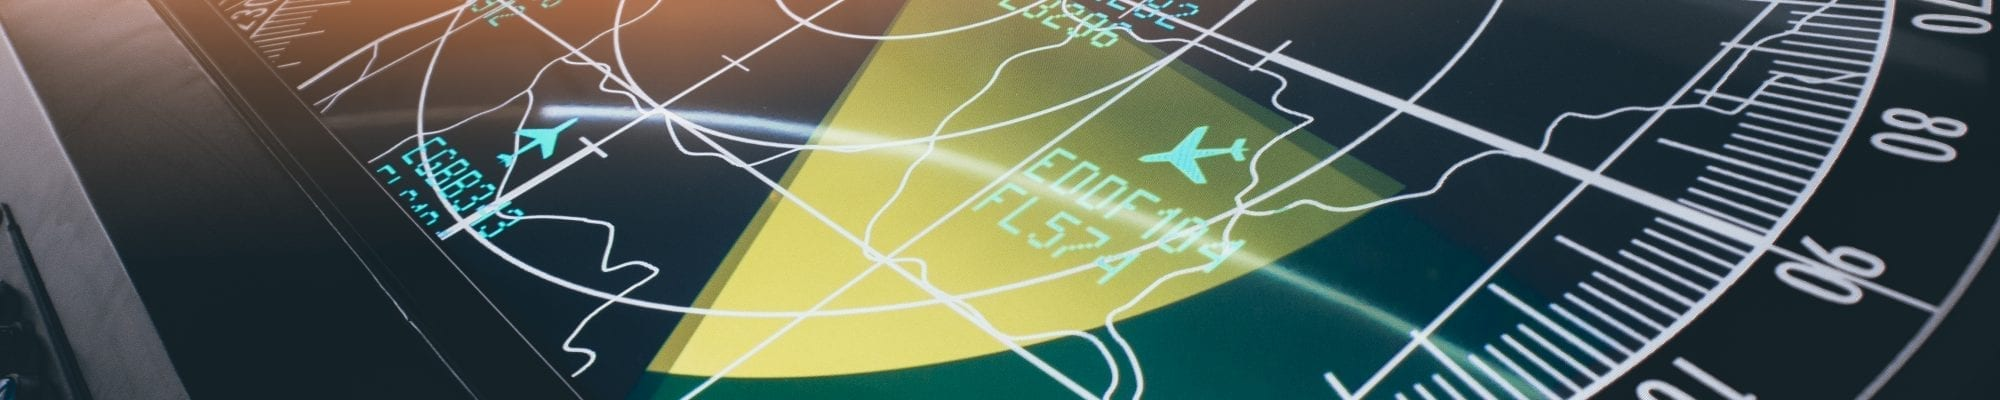 Essential Airbus Image